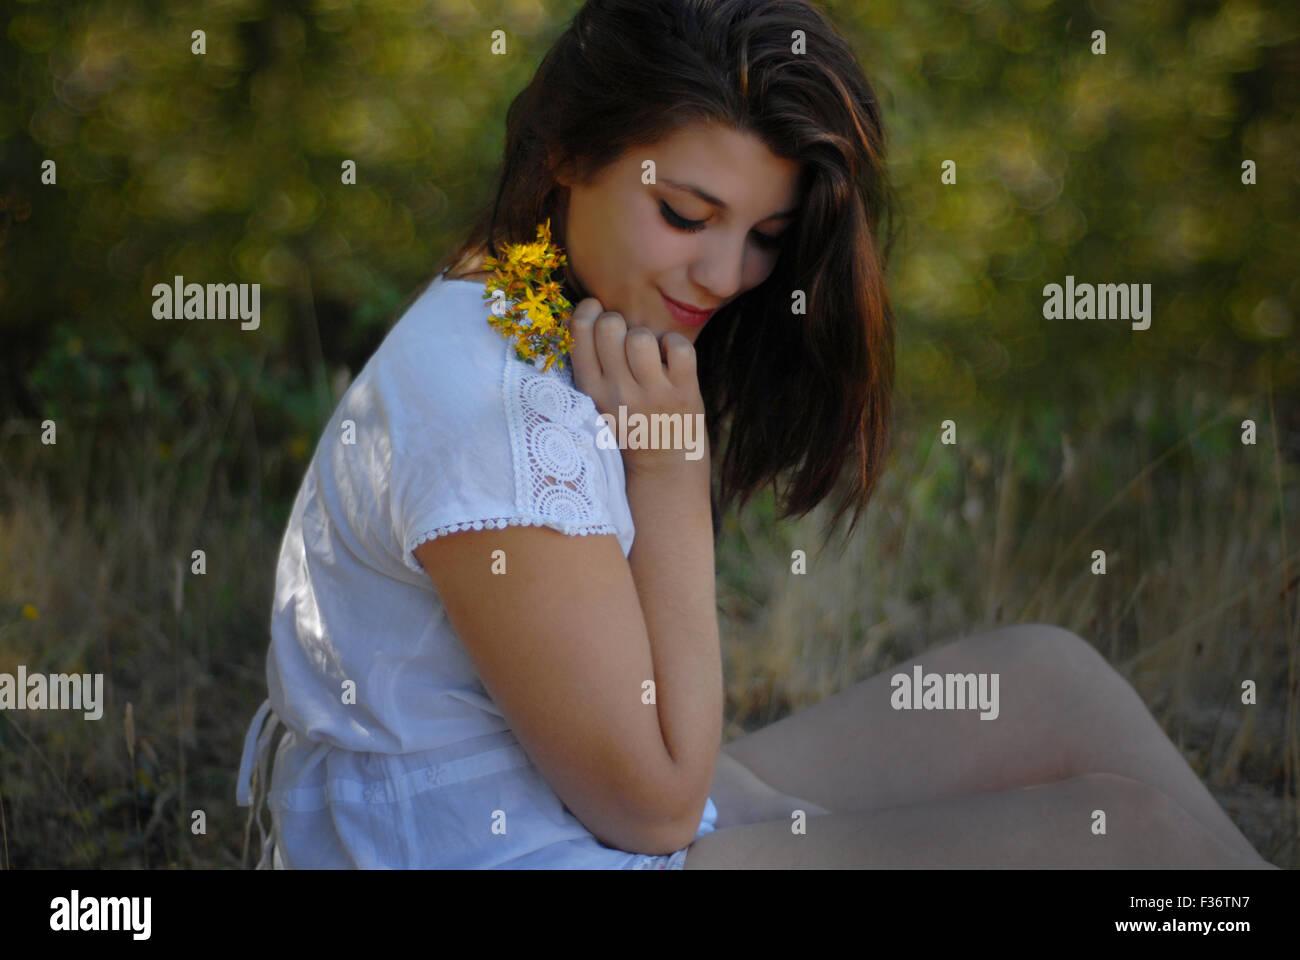 Beauty Mädchen blickte mit gelben Blüten in ihren Händen in einem weißen Kleid Stockbild